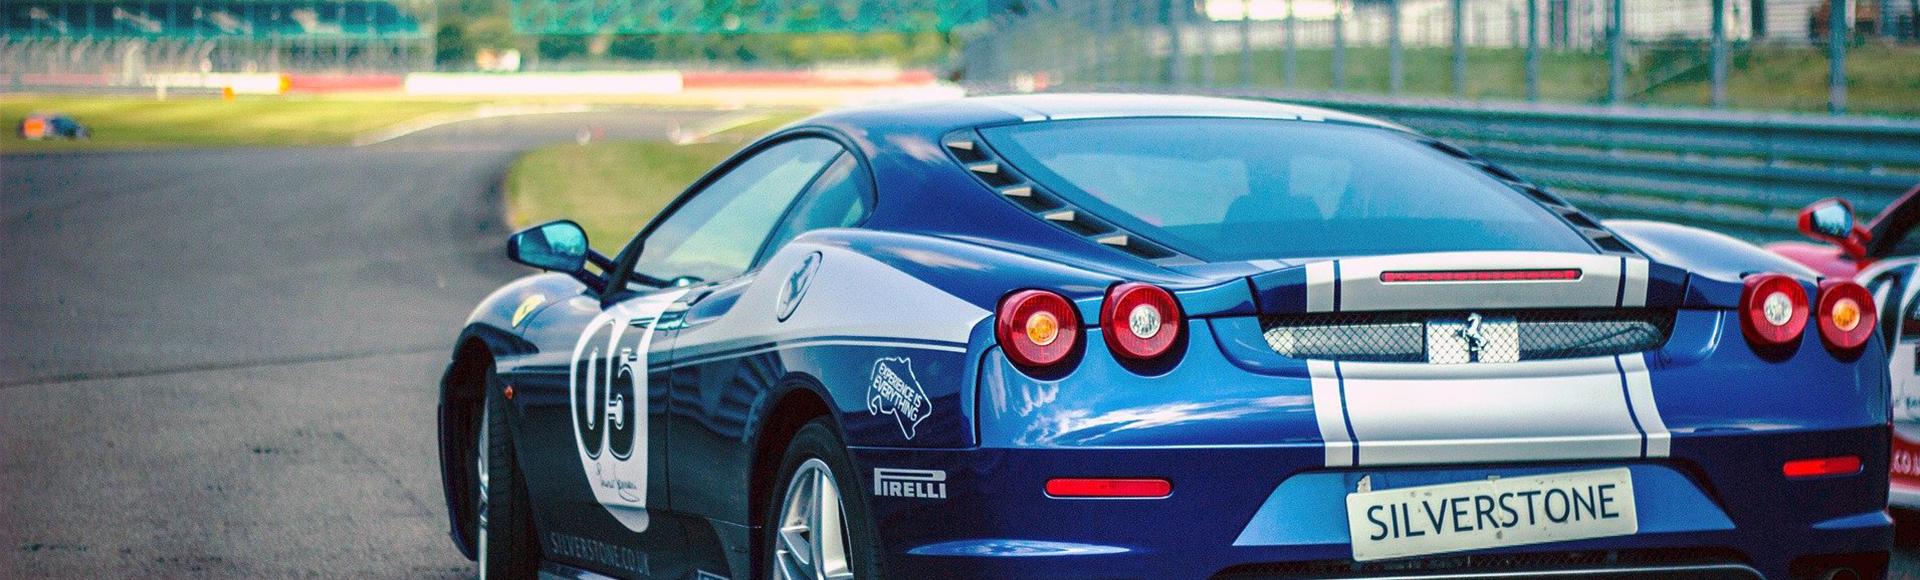 ISO/IATF 16949汽车质量管理体系